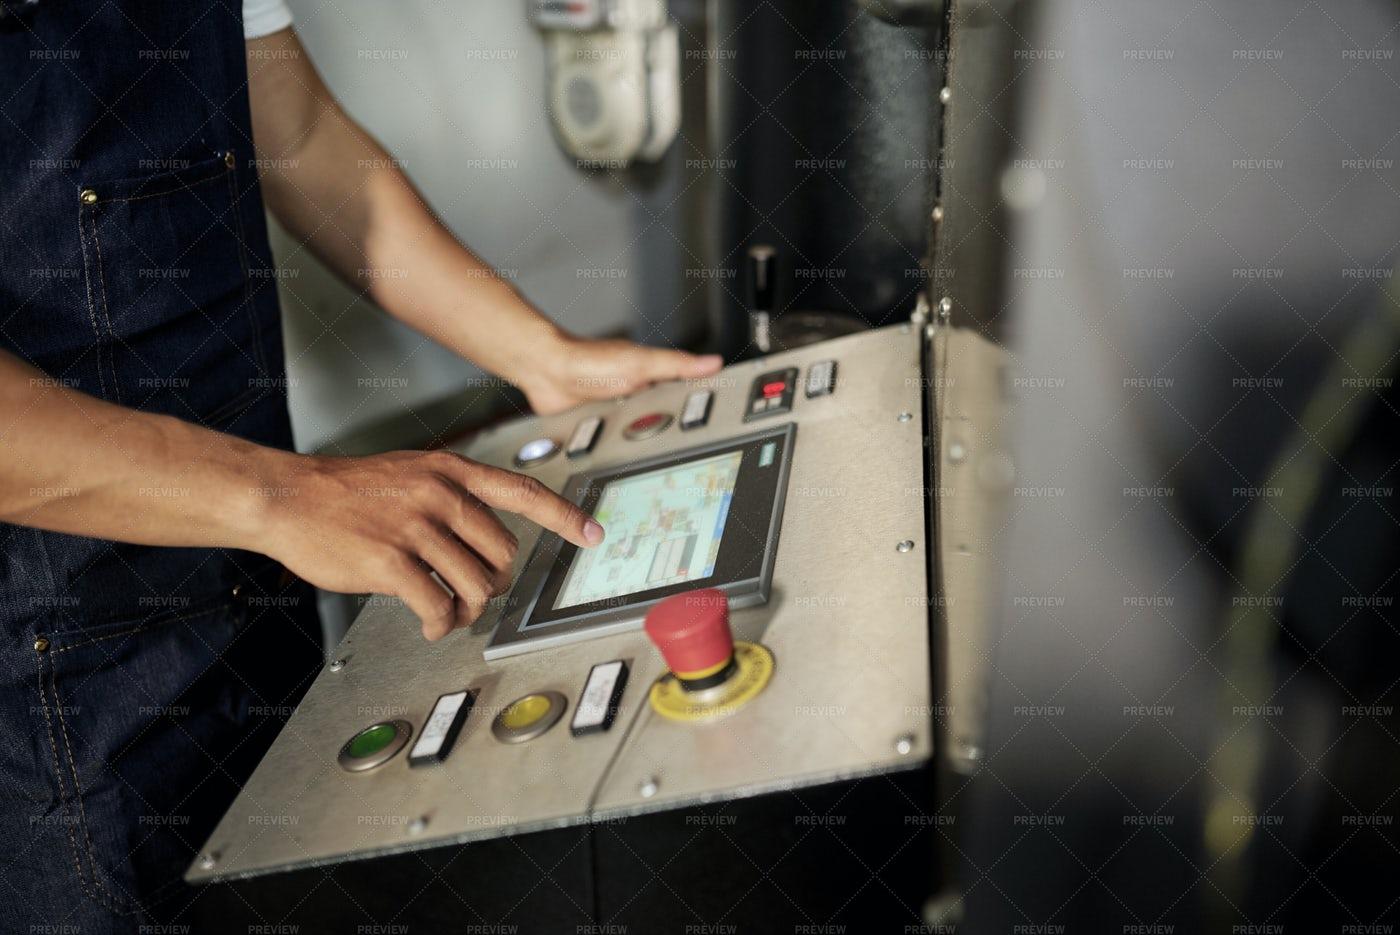 Man Working On Machine Equipment: Stock Photos